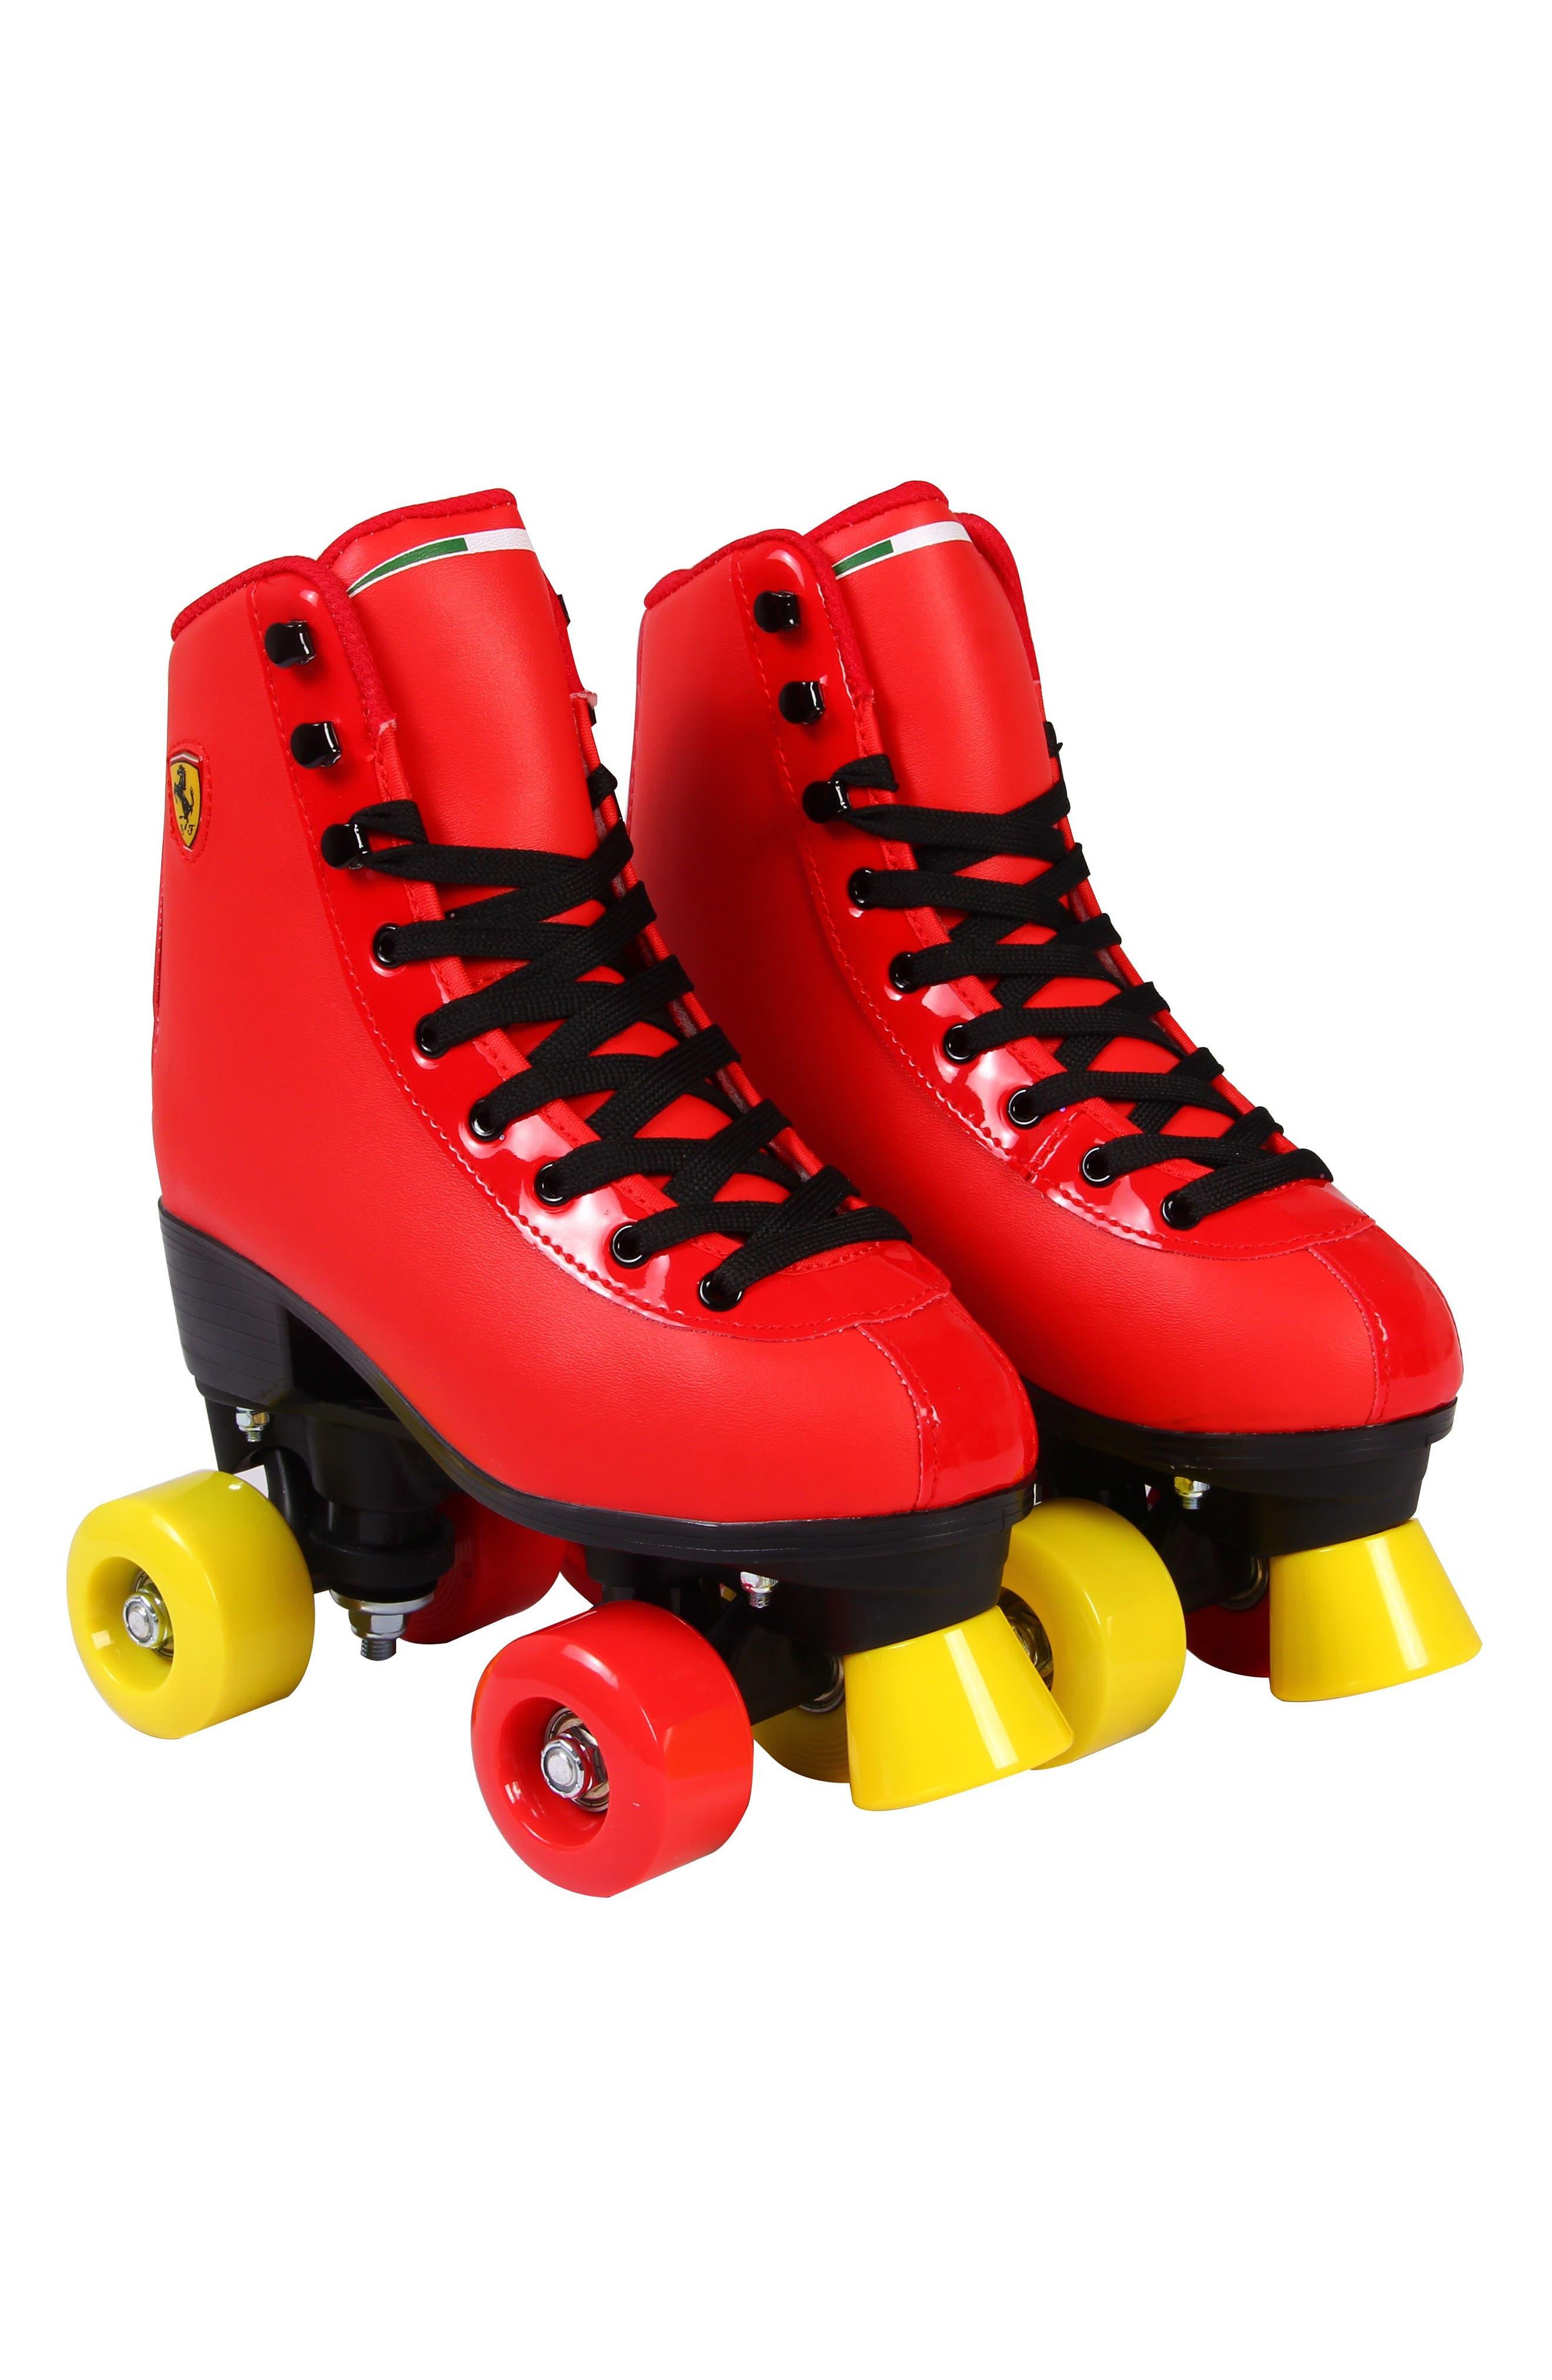 Main Image - Ferrari Classic Roller Skates